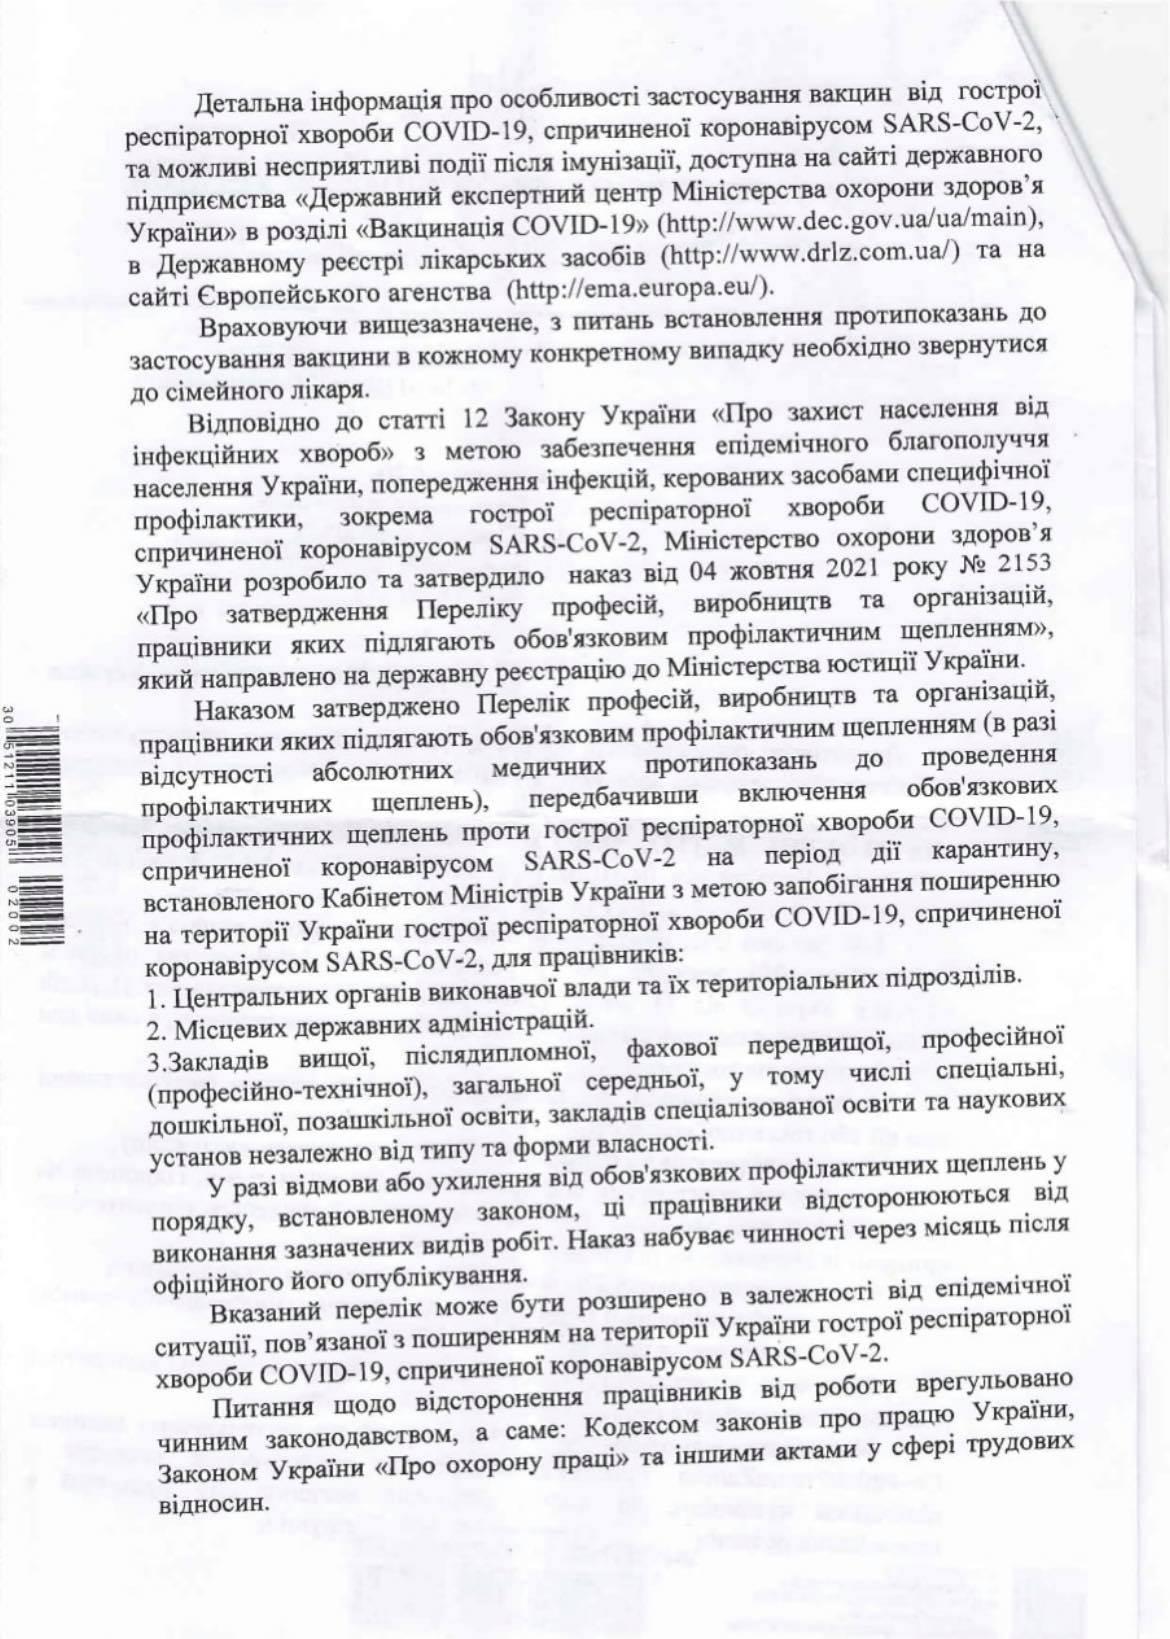 Ответ Минздрава адвокату, с. 2